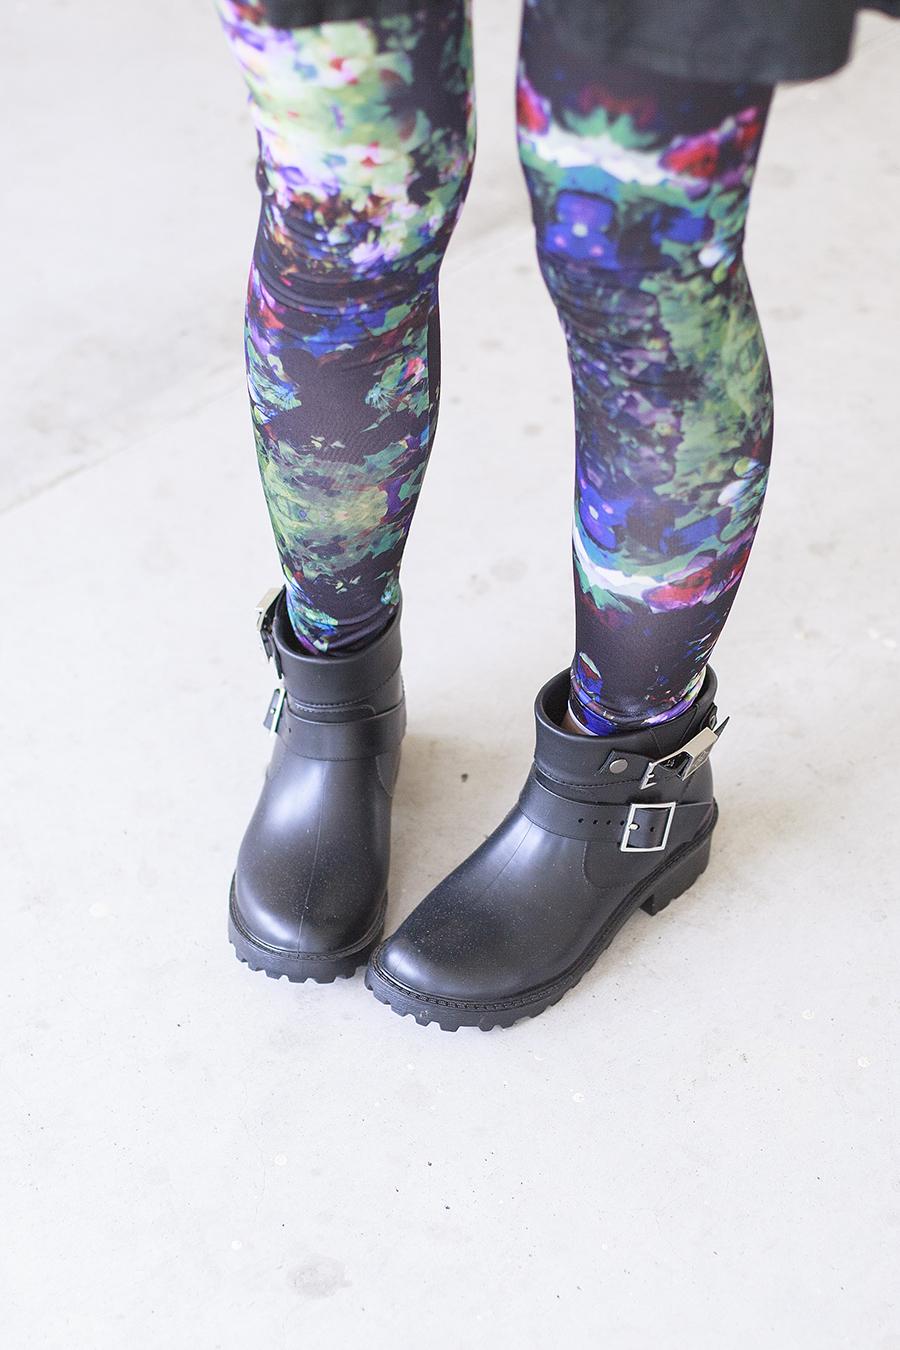 H&M printed leggings and Dav black rain booties c/o Shopbop.